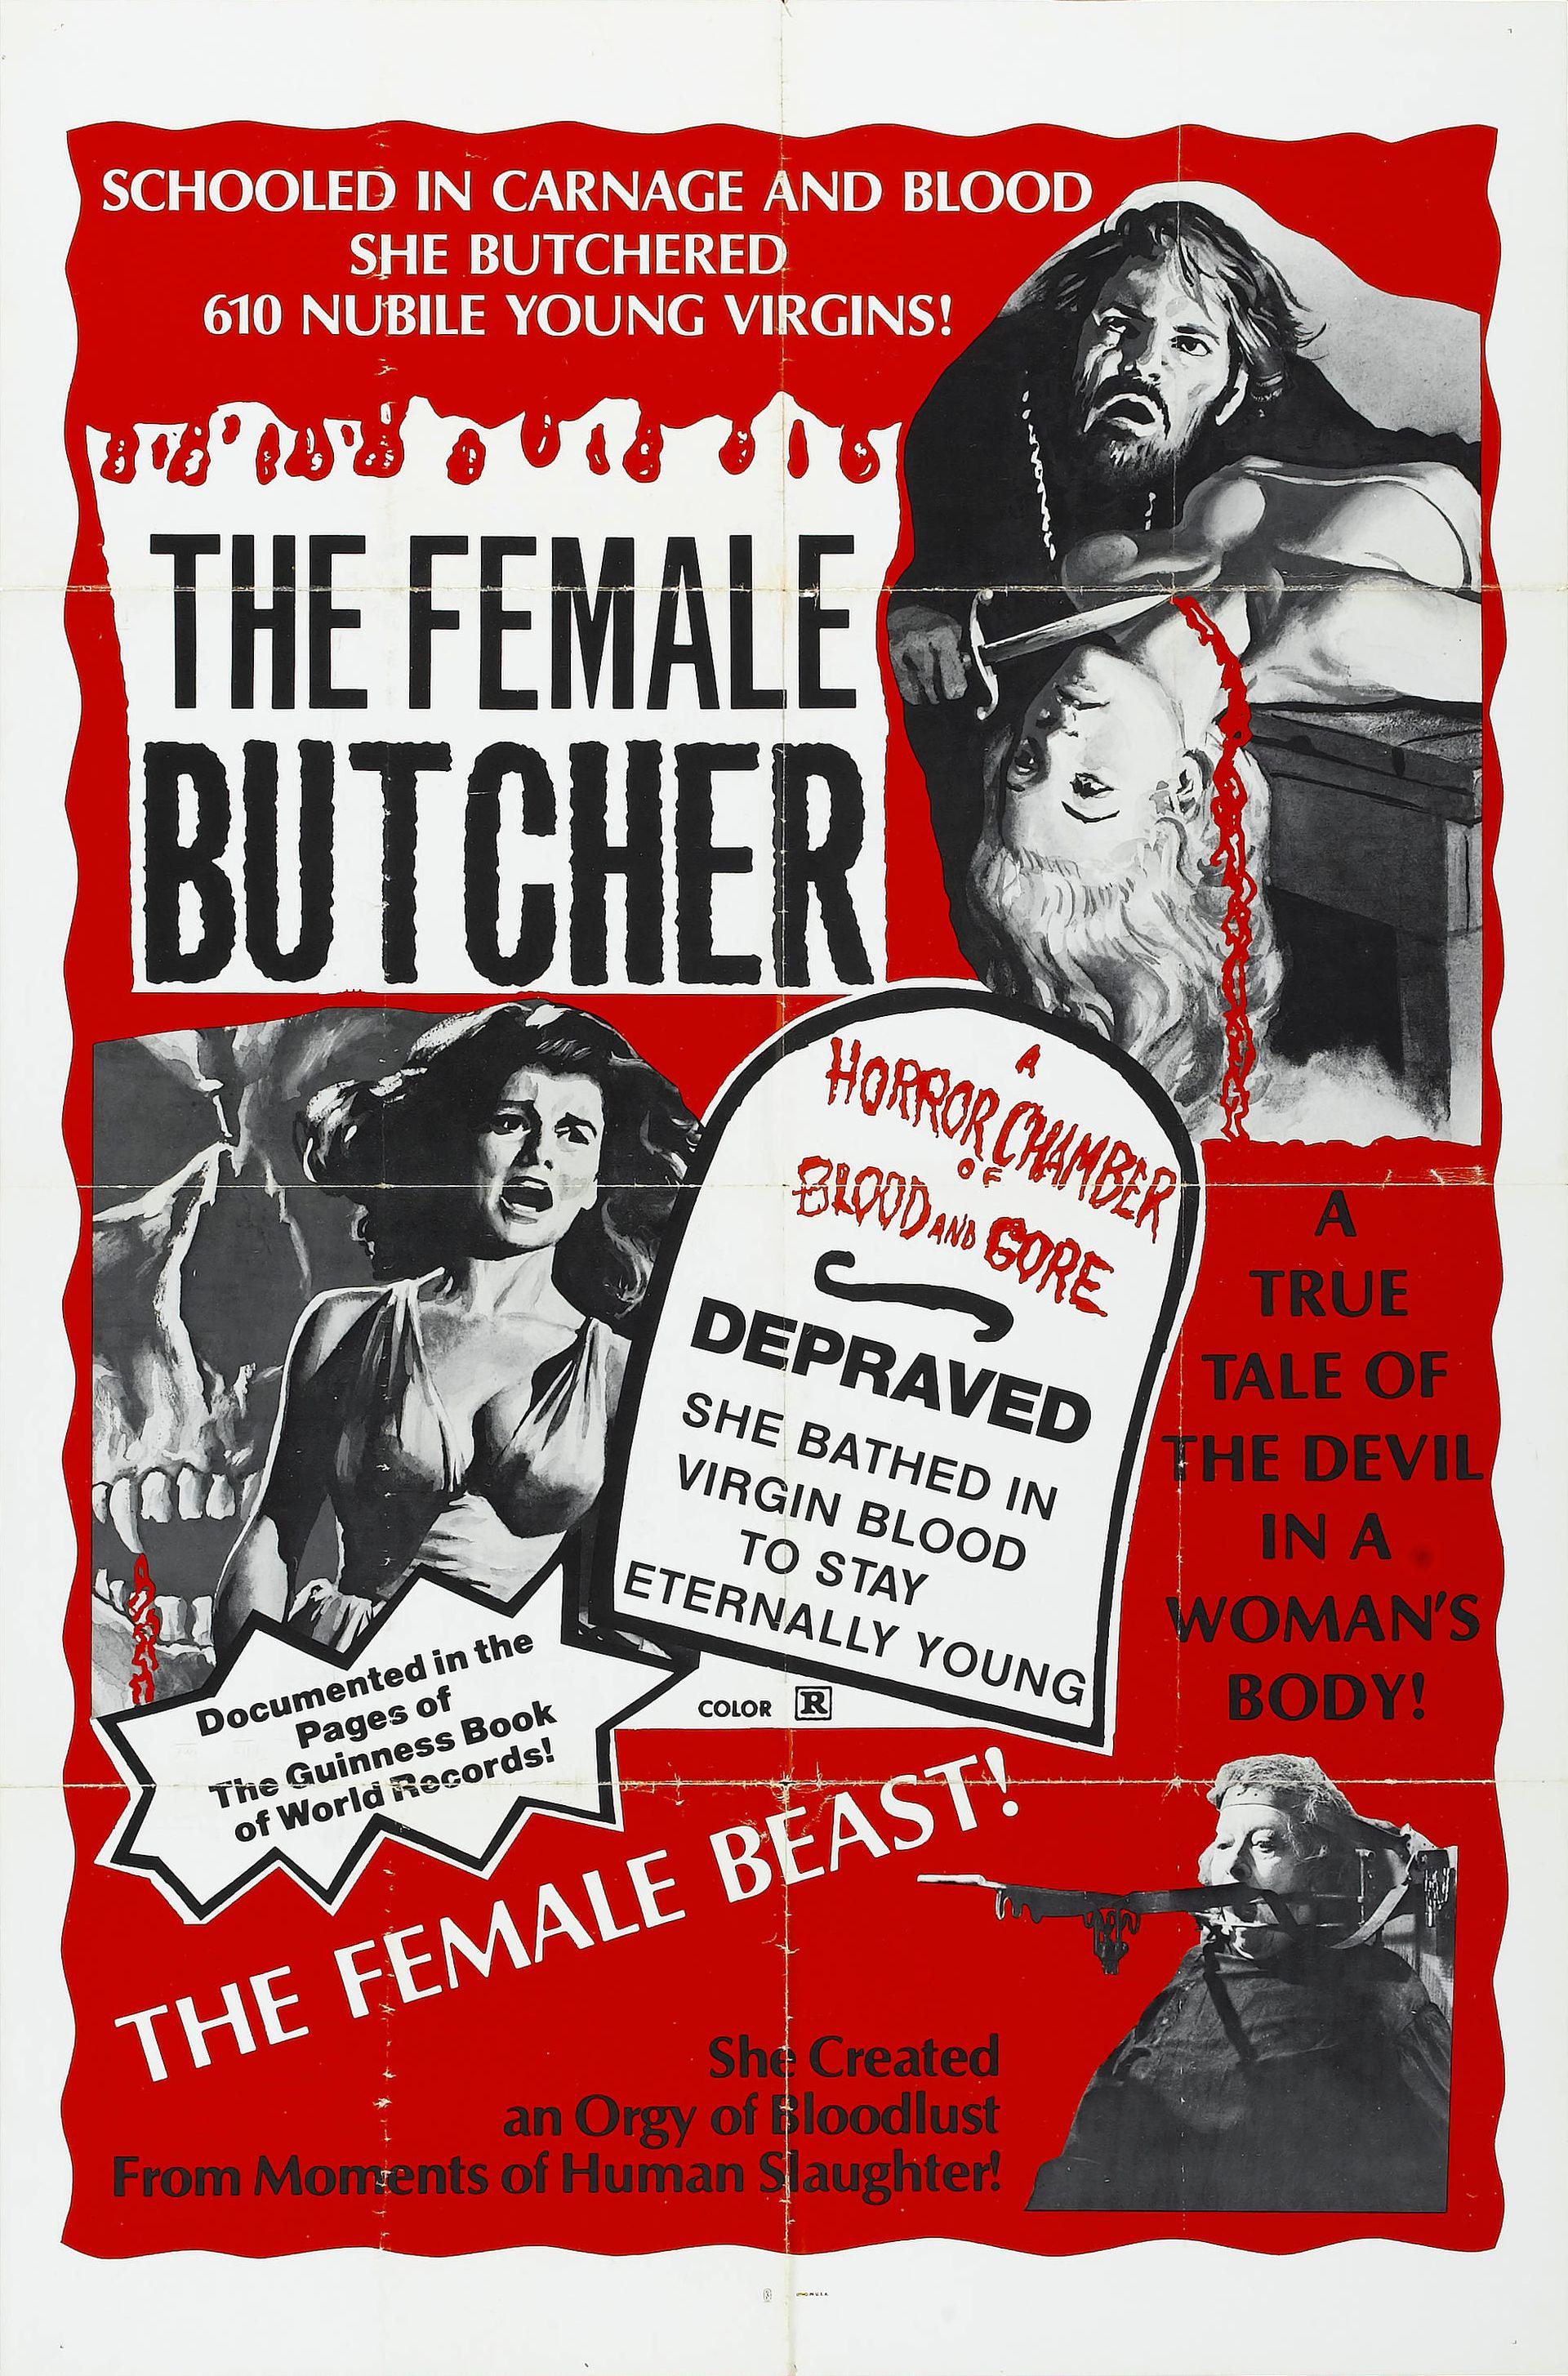 female_butcher_1975_poster_01.jpg